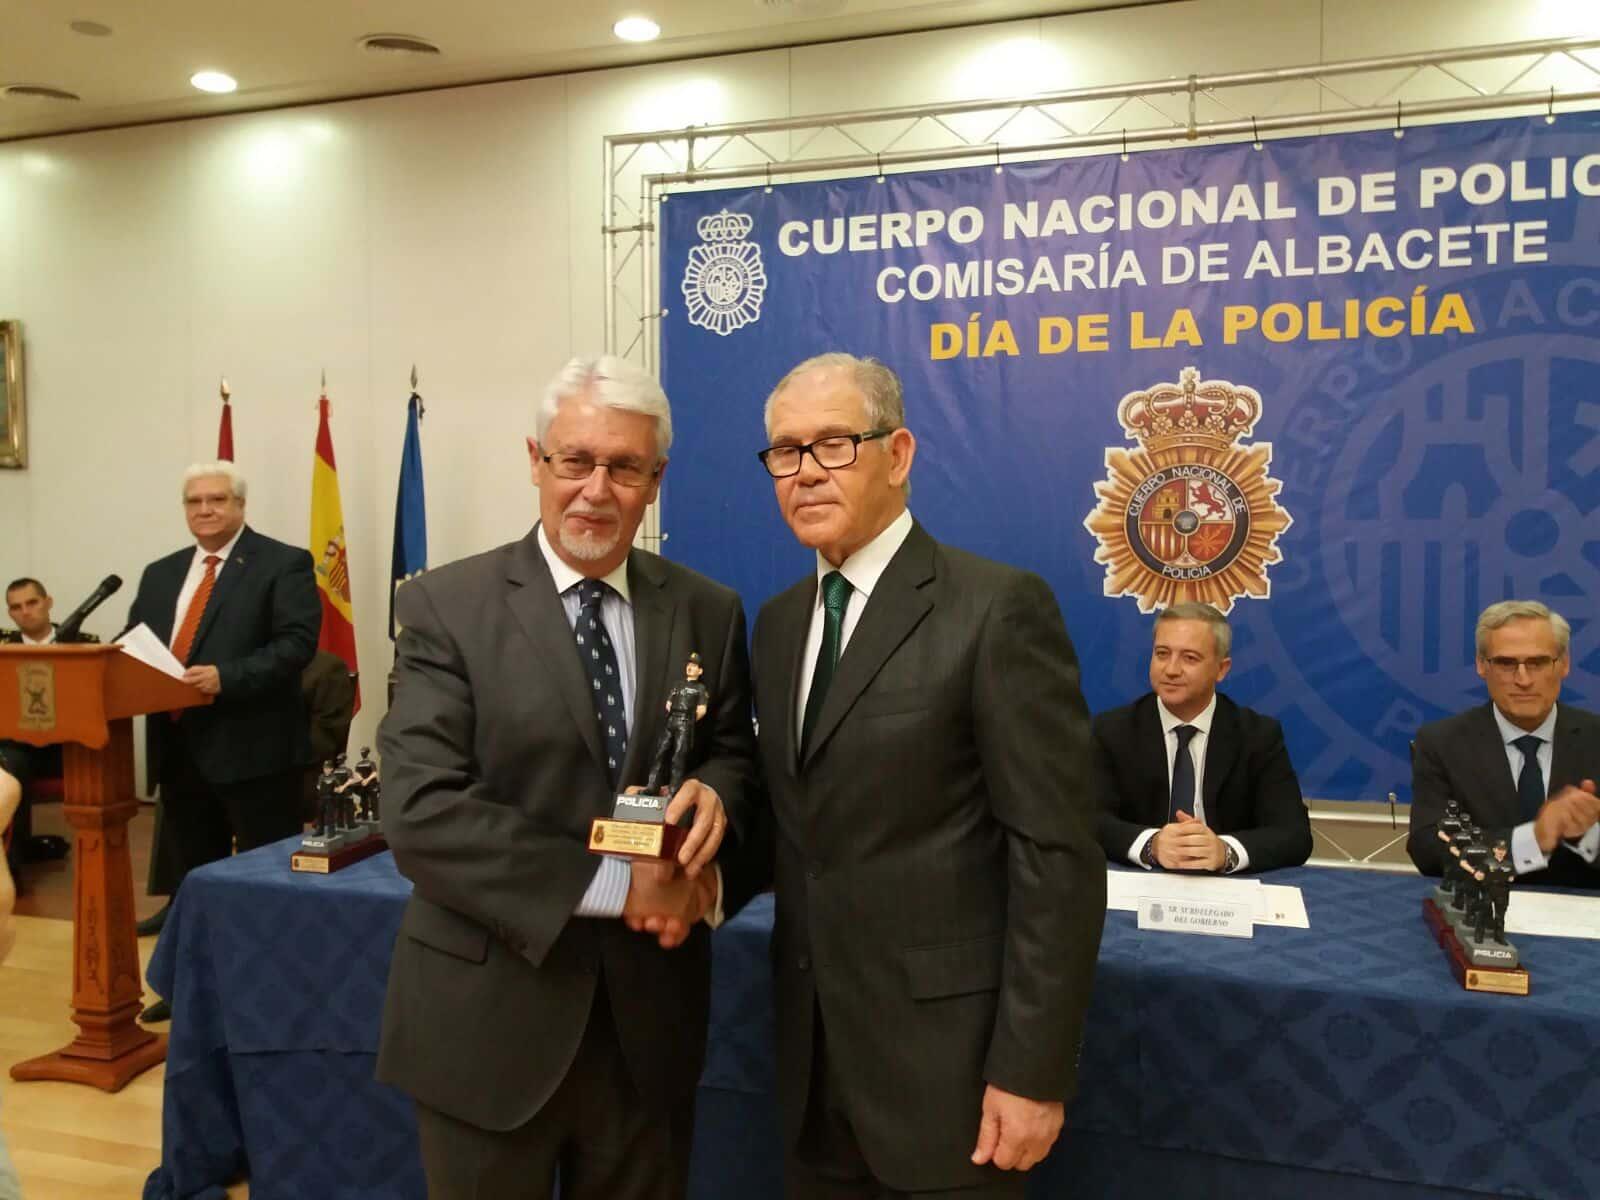 """NUEVO APOYO DE LA FUNDACION GLOBALCAJA ALBACETE AL CERTAMEN LITERARIO """"POLICIA DE ALBACETE"""""""